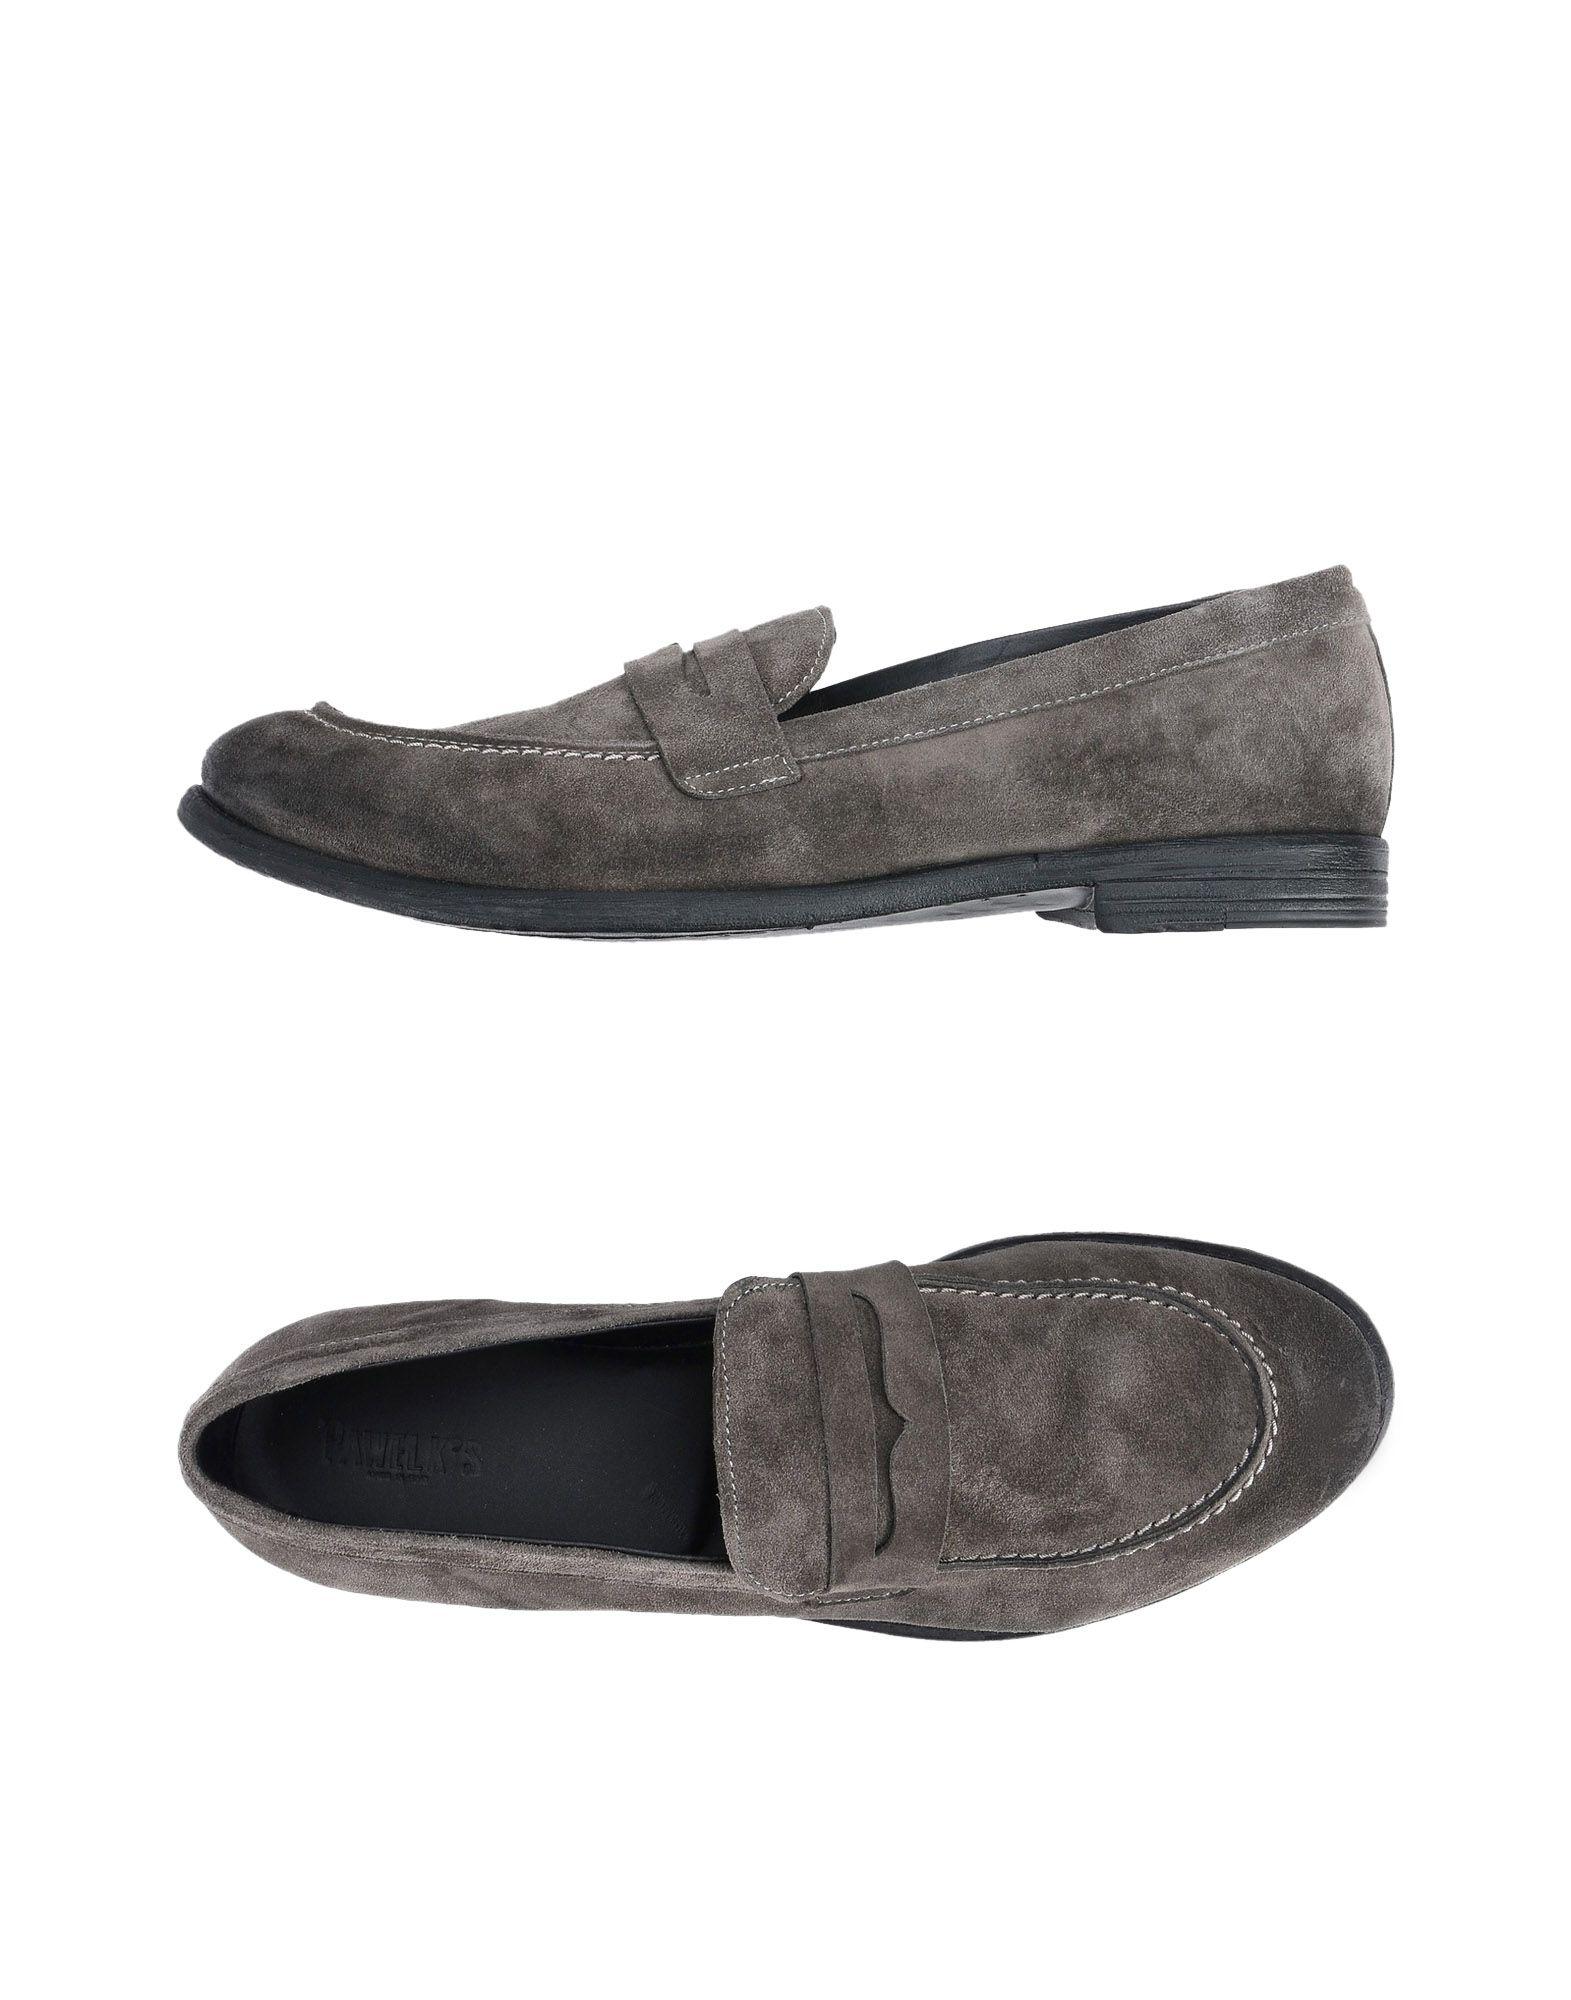 PAWELK'S Loafers in Steel Grey